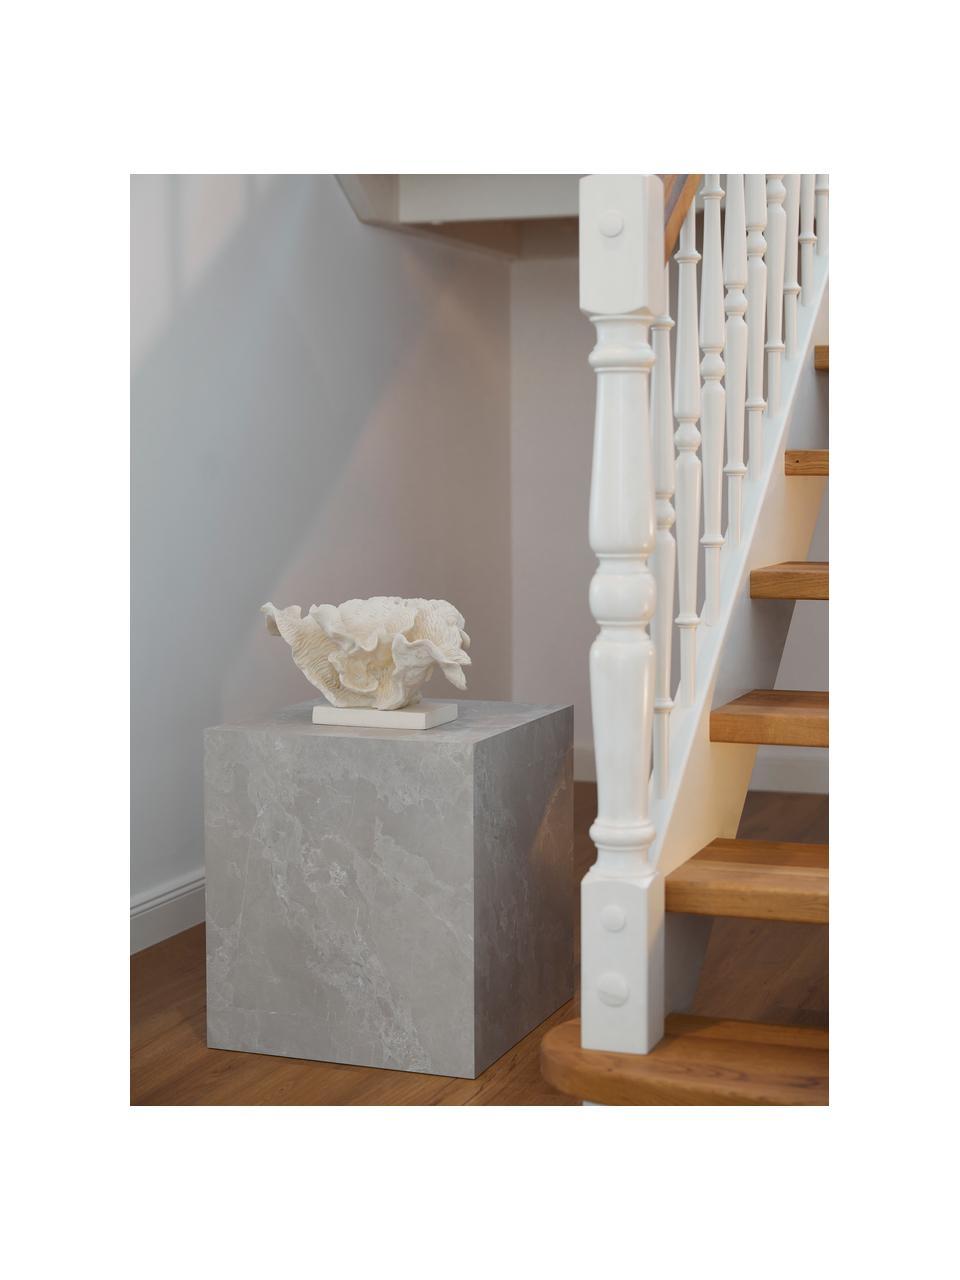 Tavolino quadrato effetto cemento Lesley, Pannello di fibra a media densità (MDF) rivestito con foglio di melamina, Grigio, effetto cemento, Larg. 45 x Alt. 50 cm